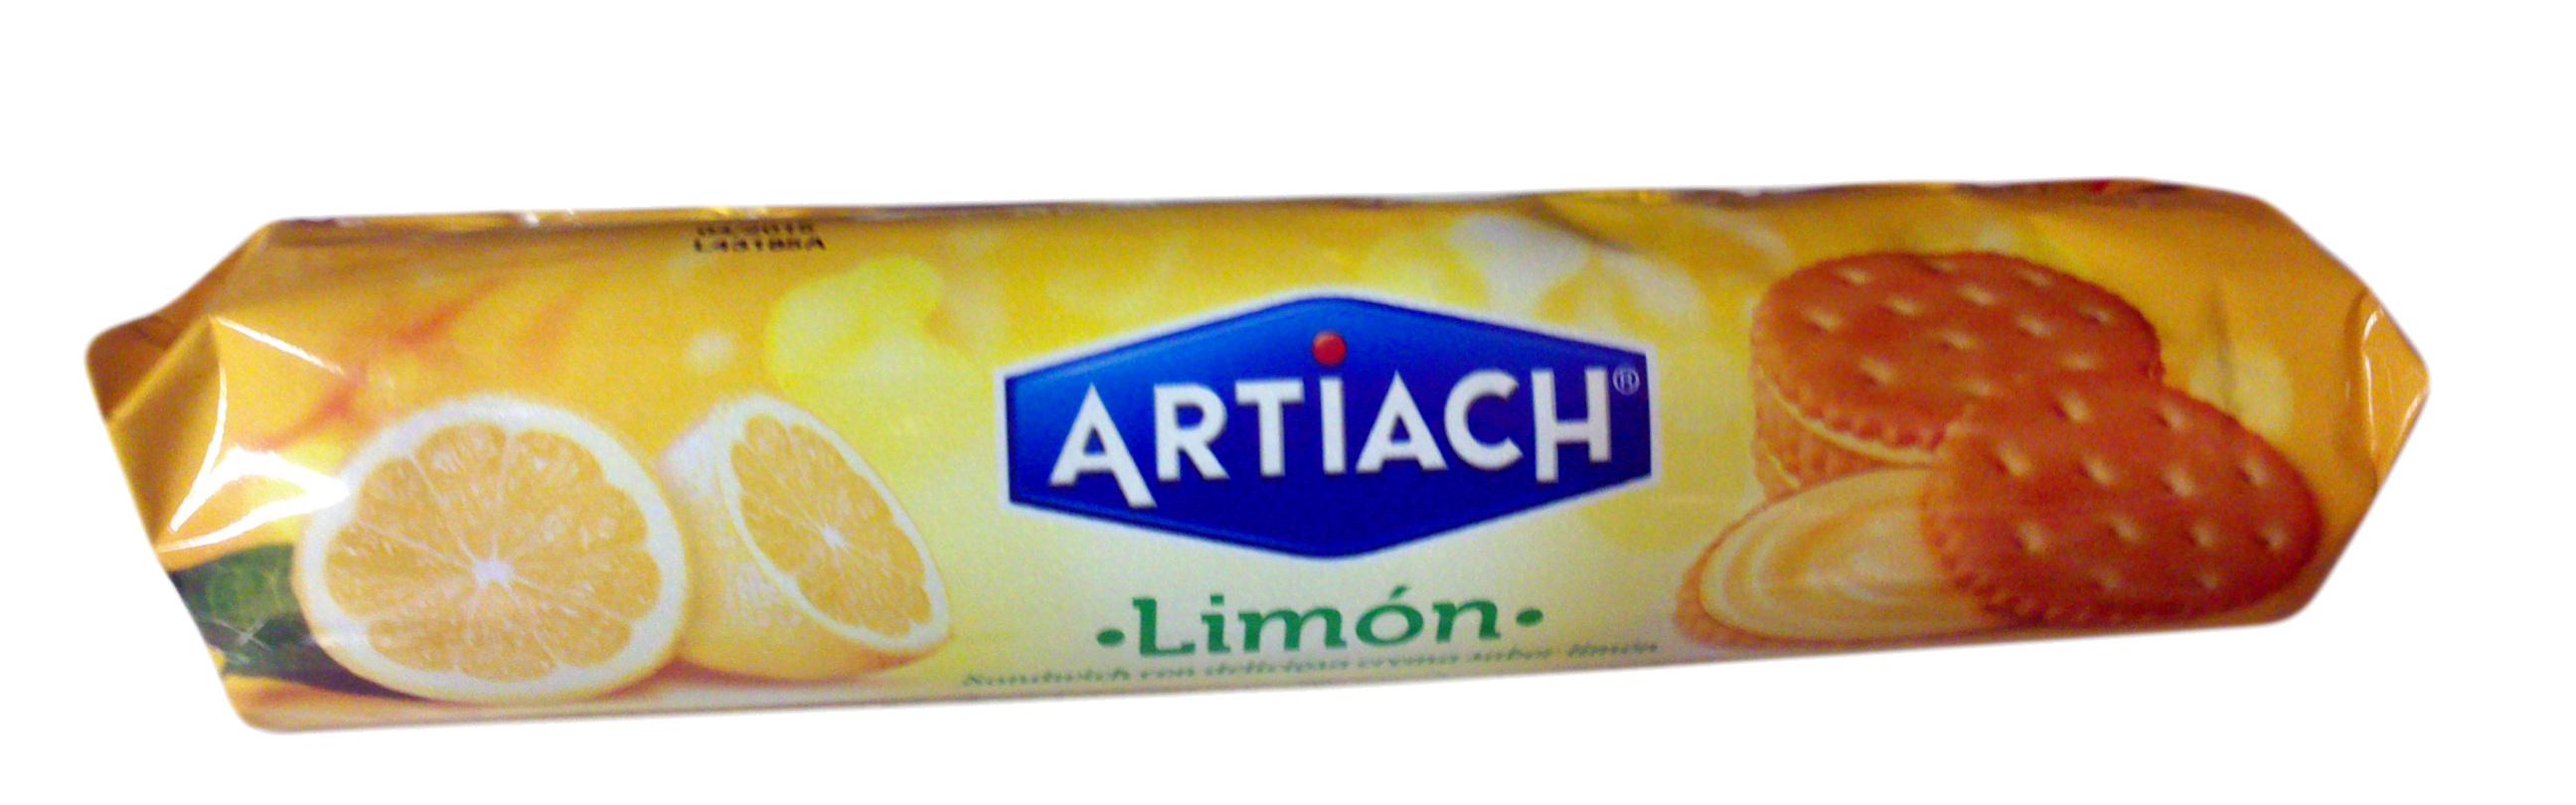 Sándwich De Crema Sabor Limón - Producto - es